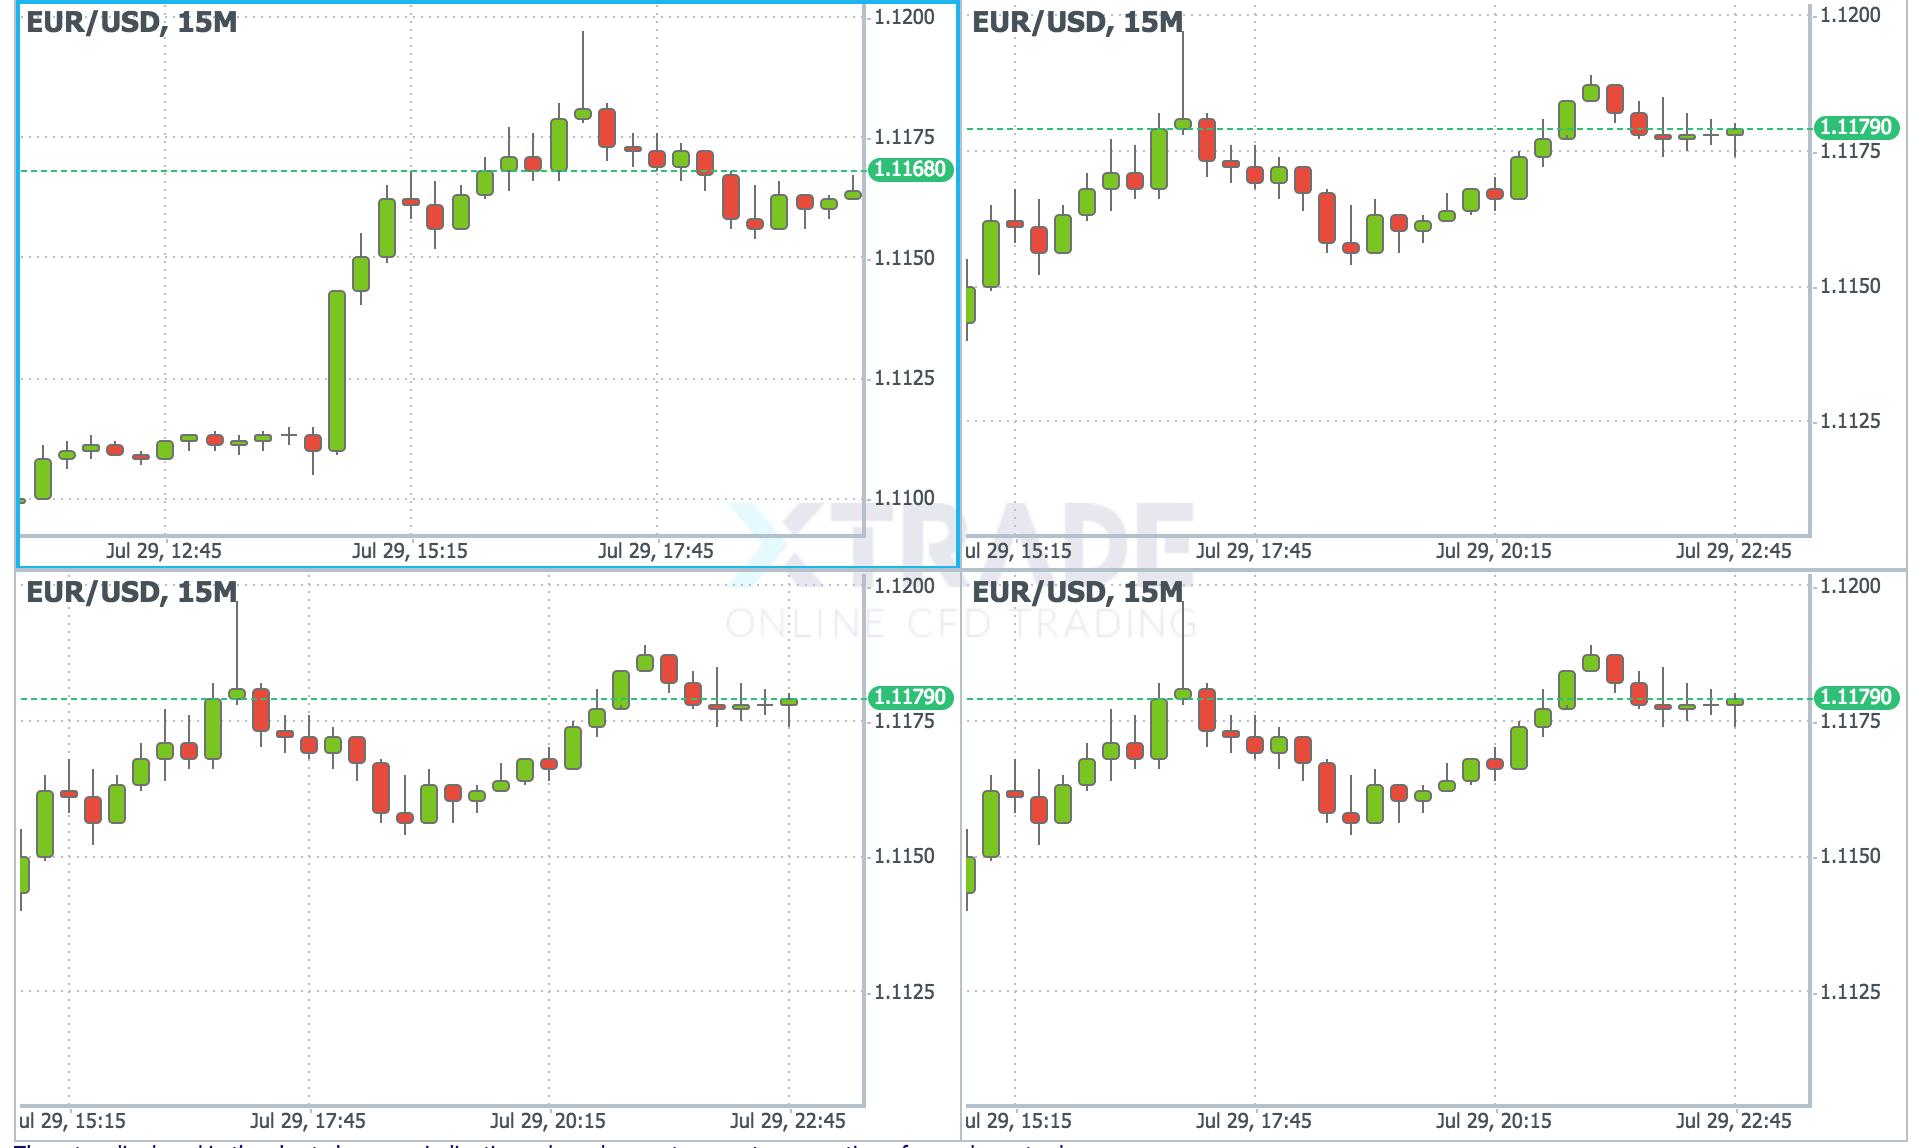 XTrade charts